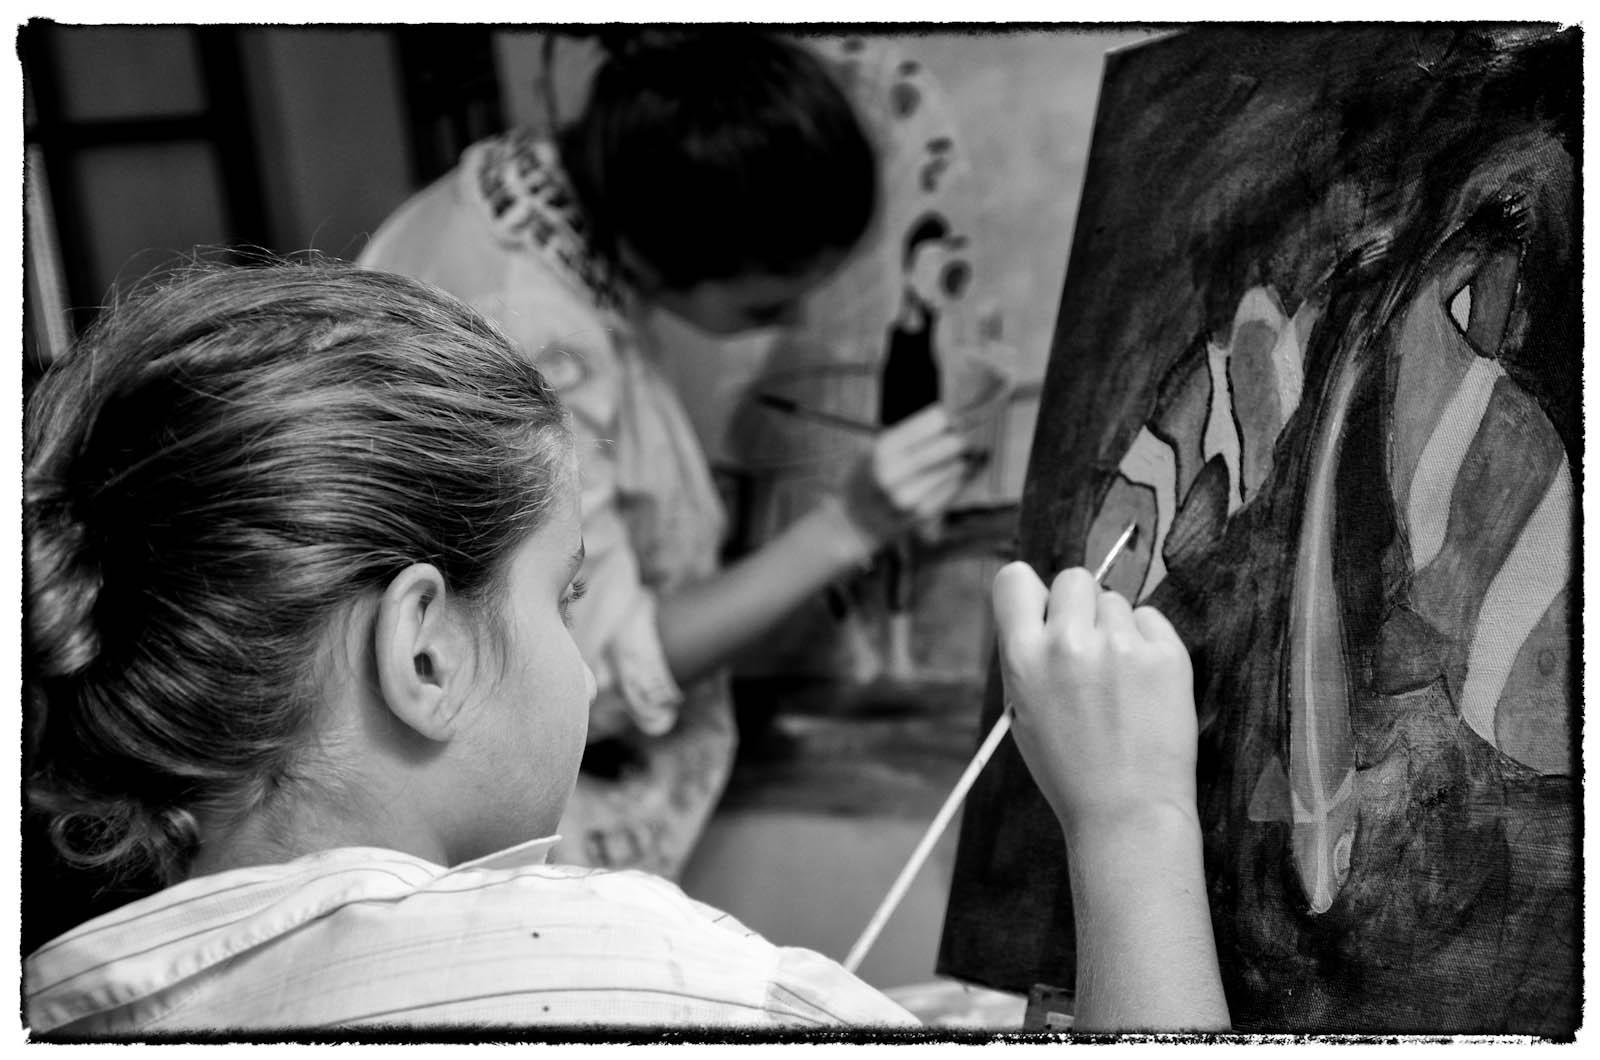 Ragazze che dipingono